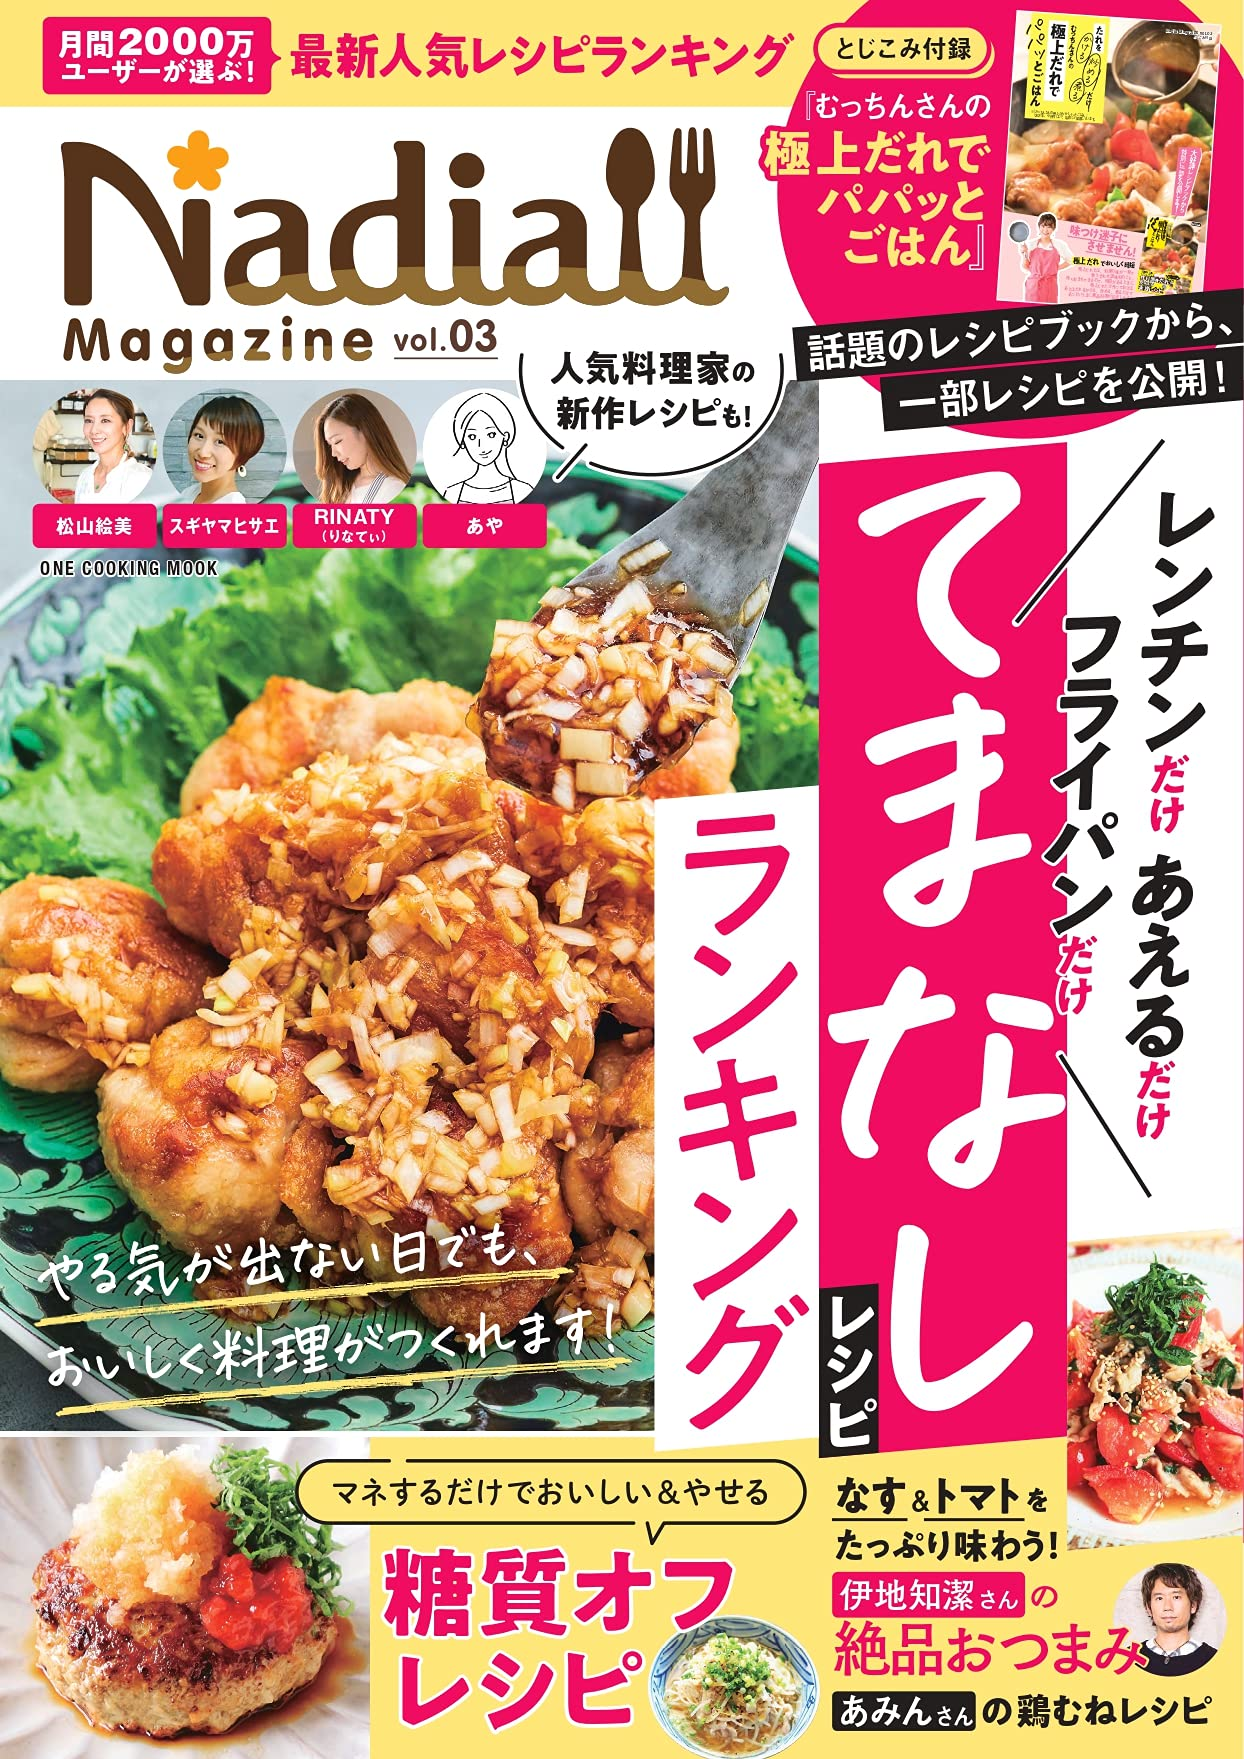 おいしい糖質オフも レシピサイトNadia公式レシピ本第3弾発売